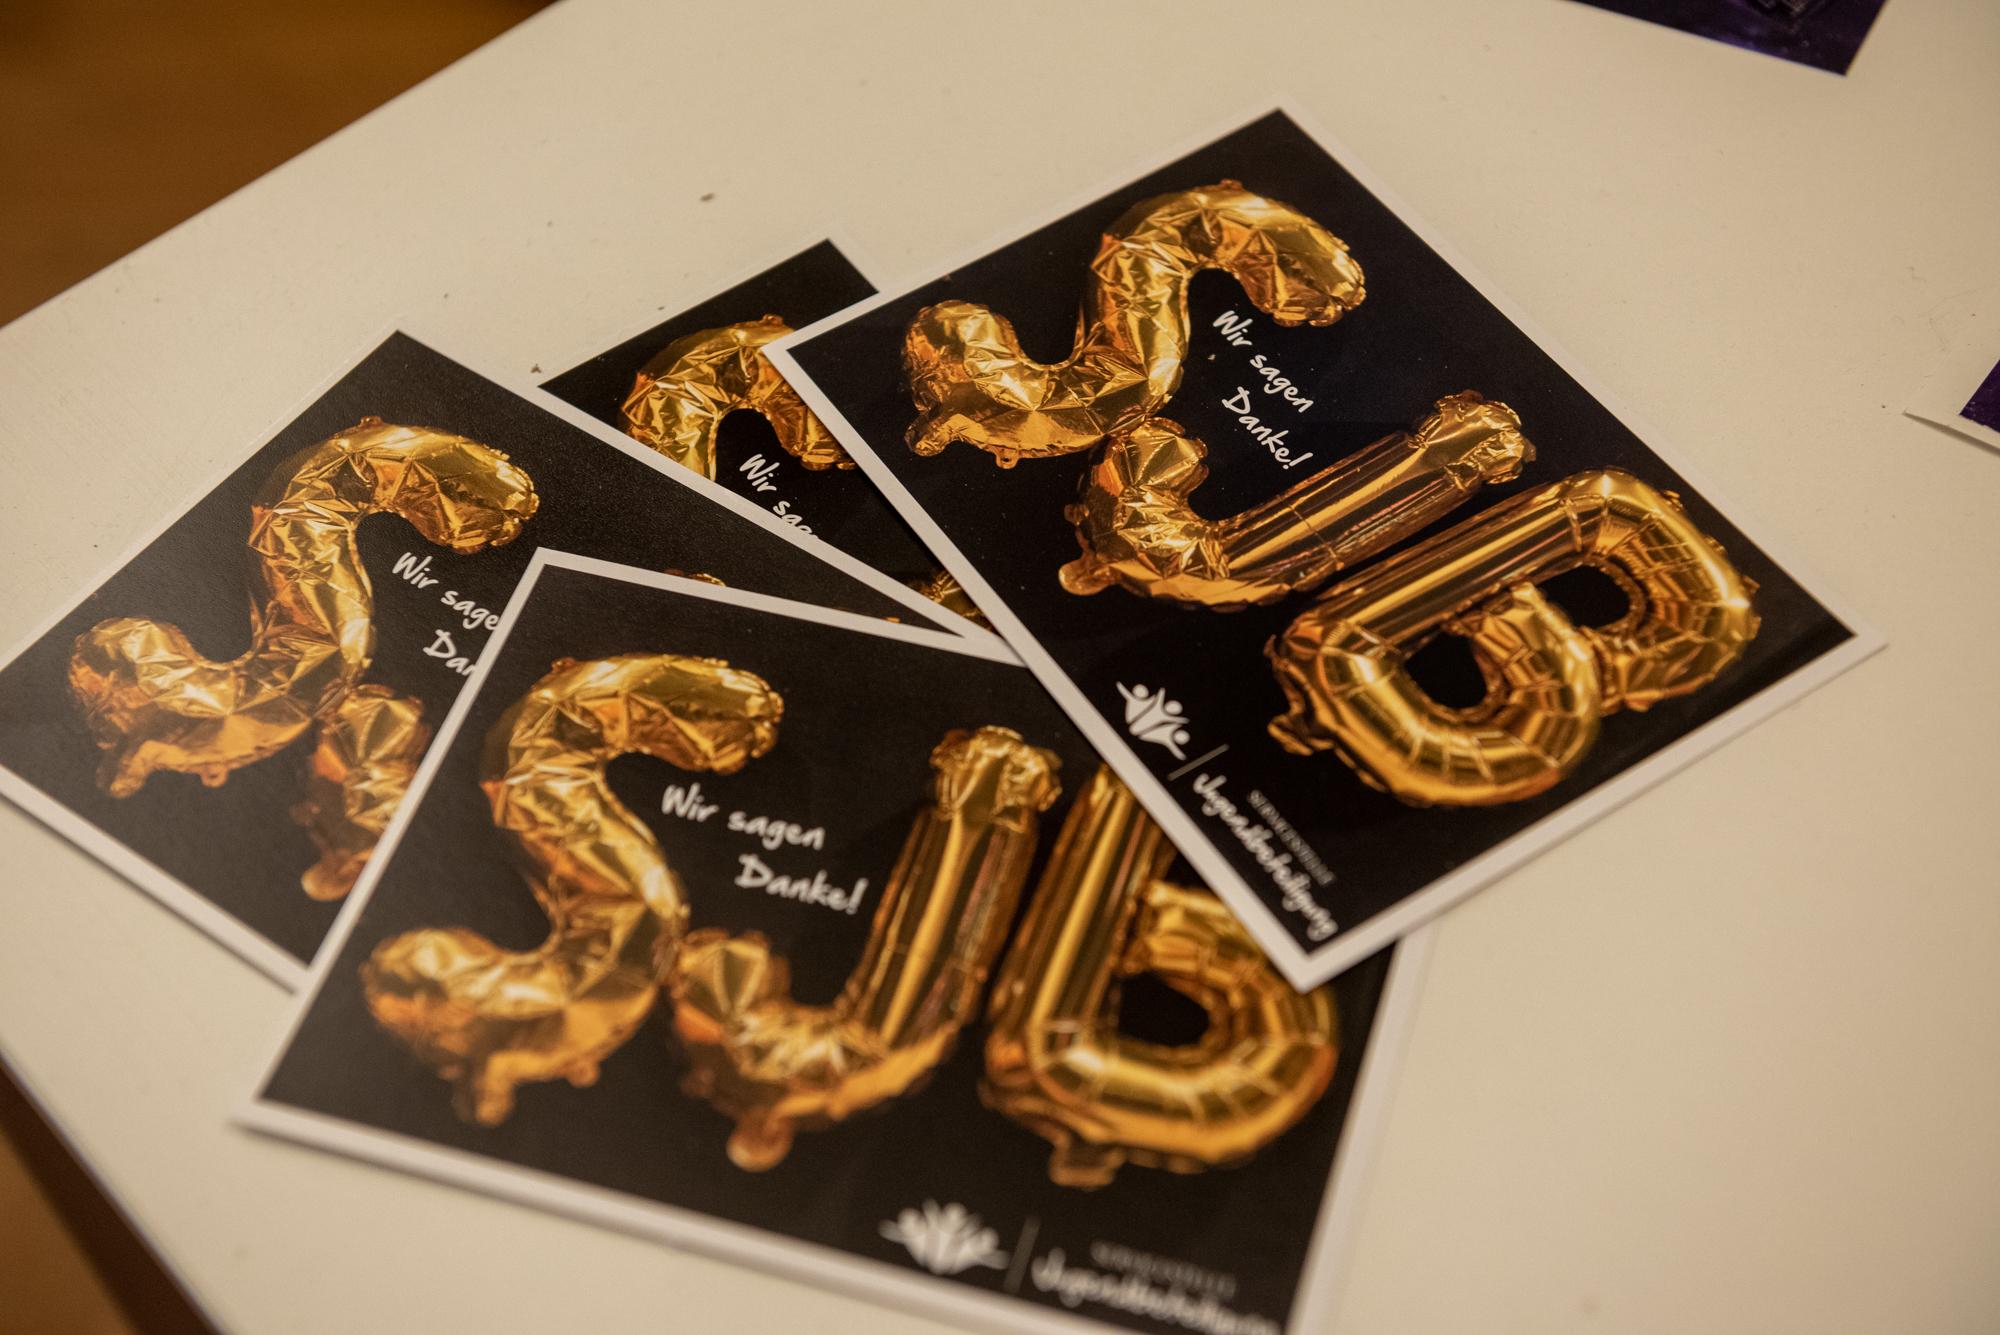 """Auf einem Tisch liegen Postkarten. Auf den Postkarten ist sind goldene Folienballons zu sehen. Die Ballons bilden das Wort SJB. Außerdem steht """"Wir sagen Danke!"""" auf den Karten und das Logo der Servicestelle Jugendbeteiligung ist zu sehen."""